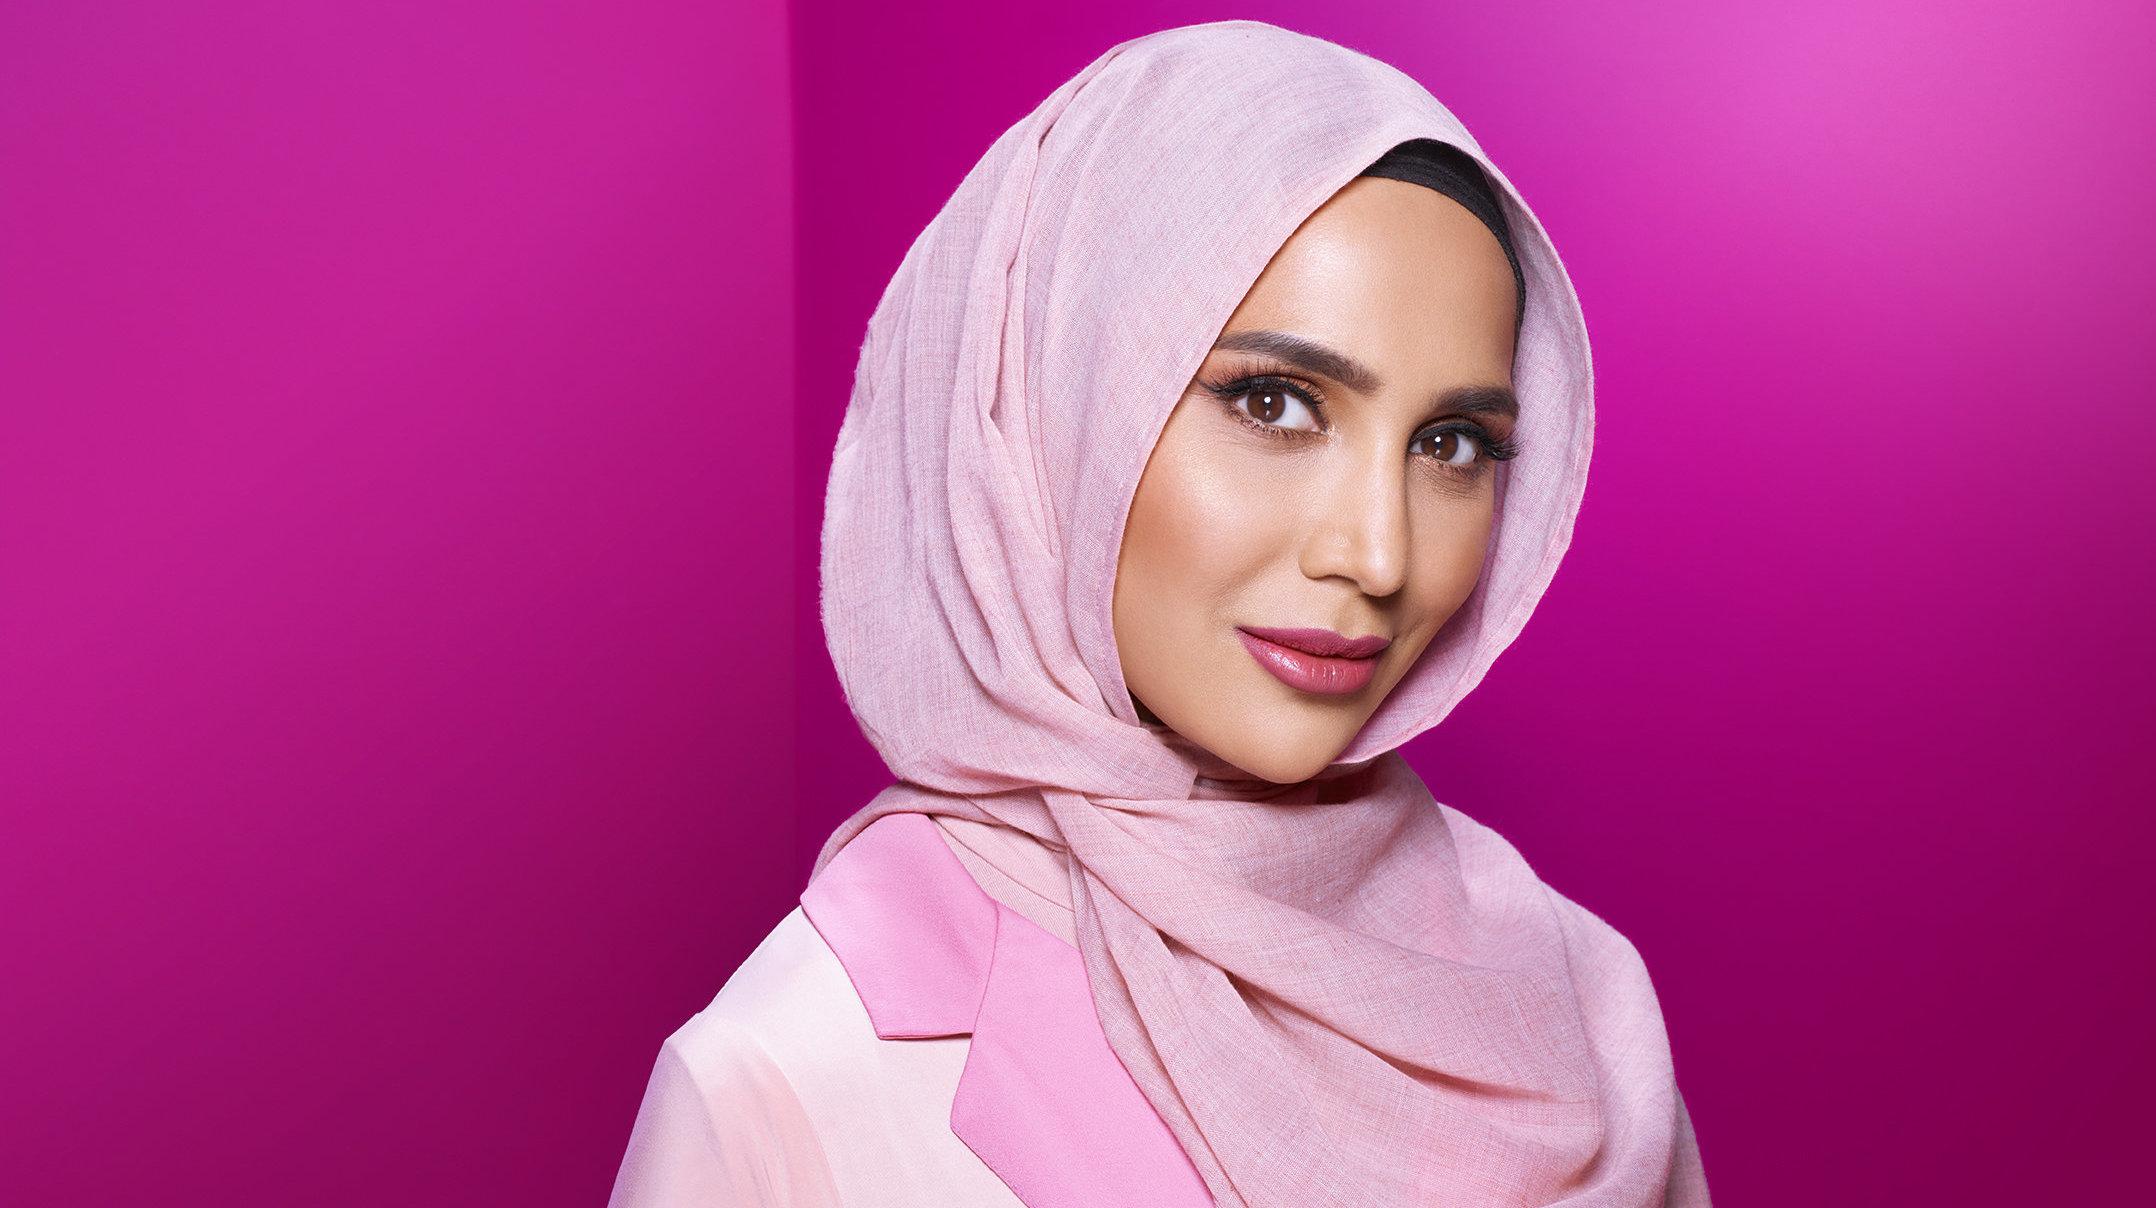 İzleyin: Kozmetik Devi L'Oreal, Yeni Reklamında Bir İlki Gerçekleştirerek Başörtülü Amena Khan'a da Yer Verdi